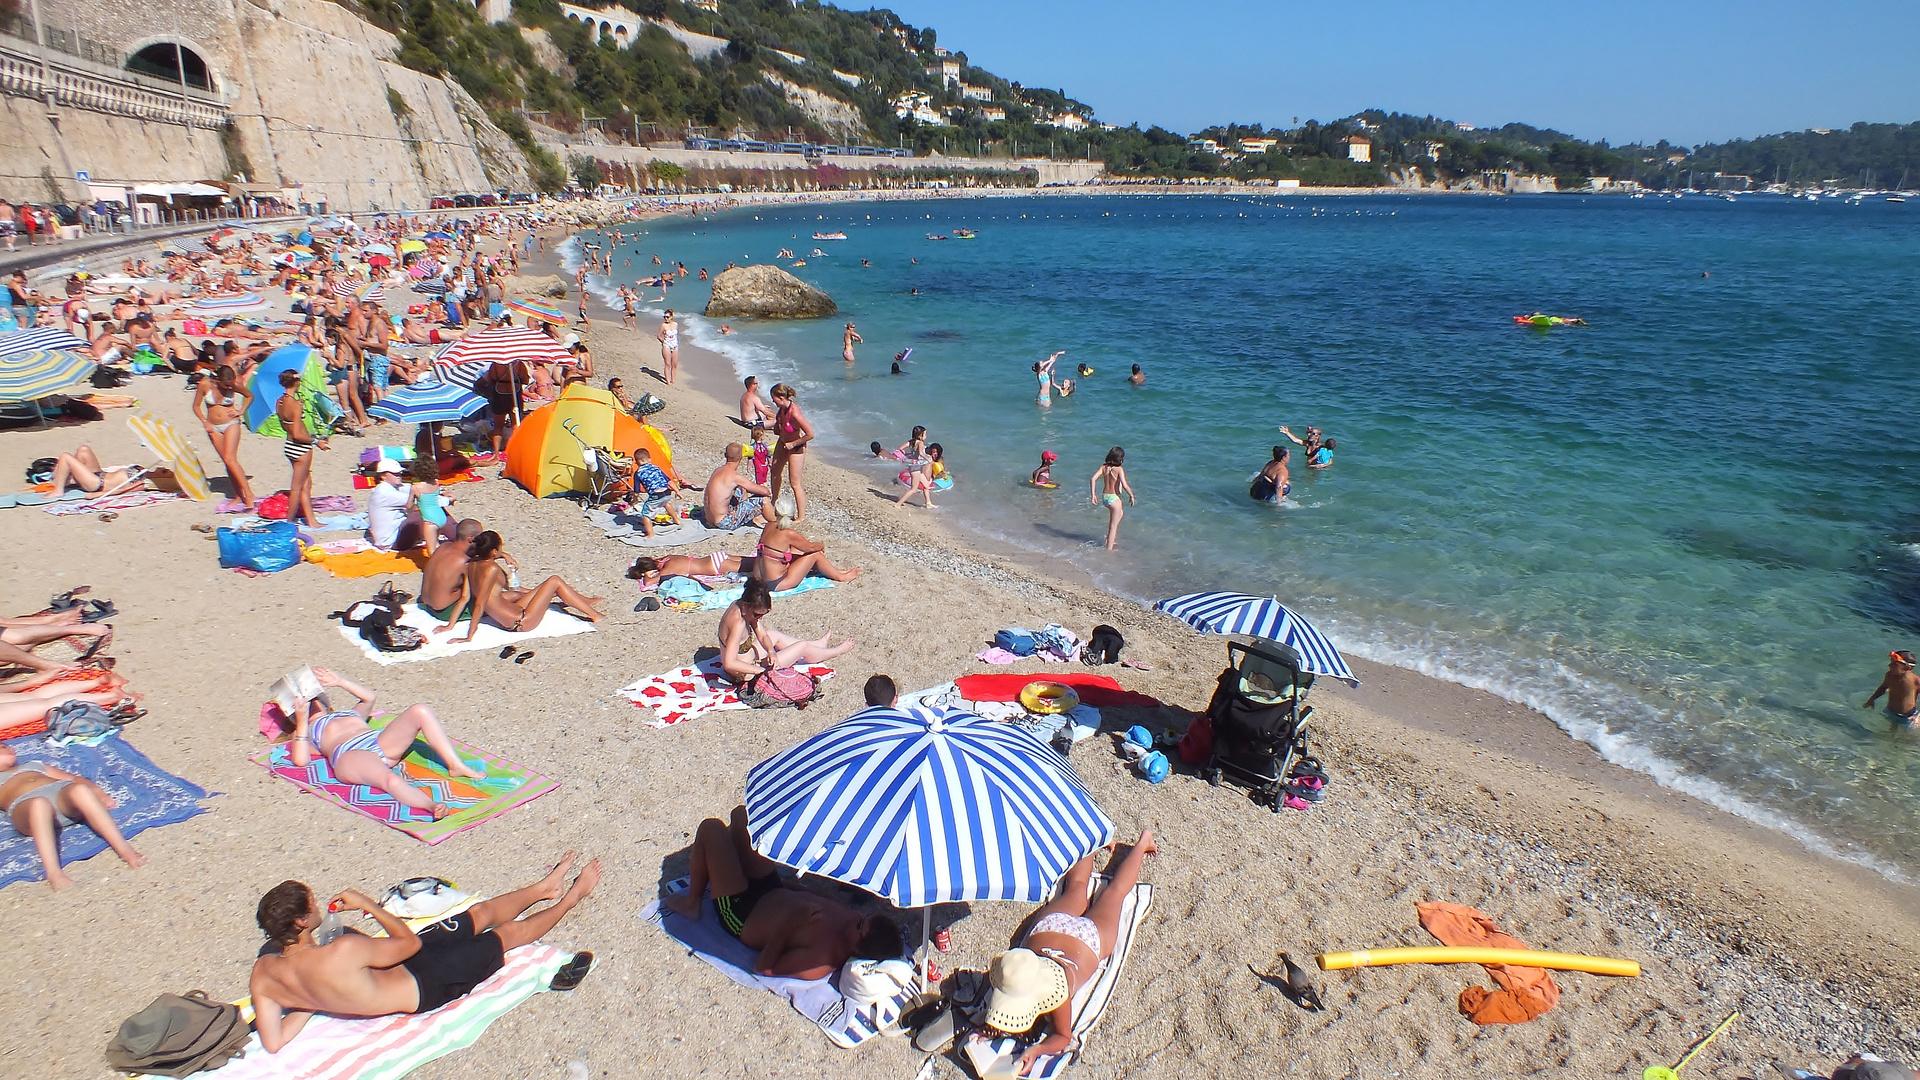 Côte d'Azur: Villefranche-sur-mer, azur et autres couleurs